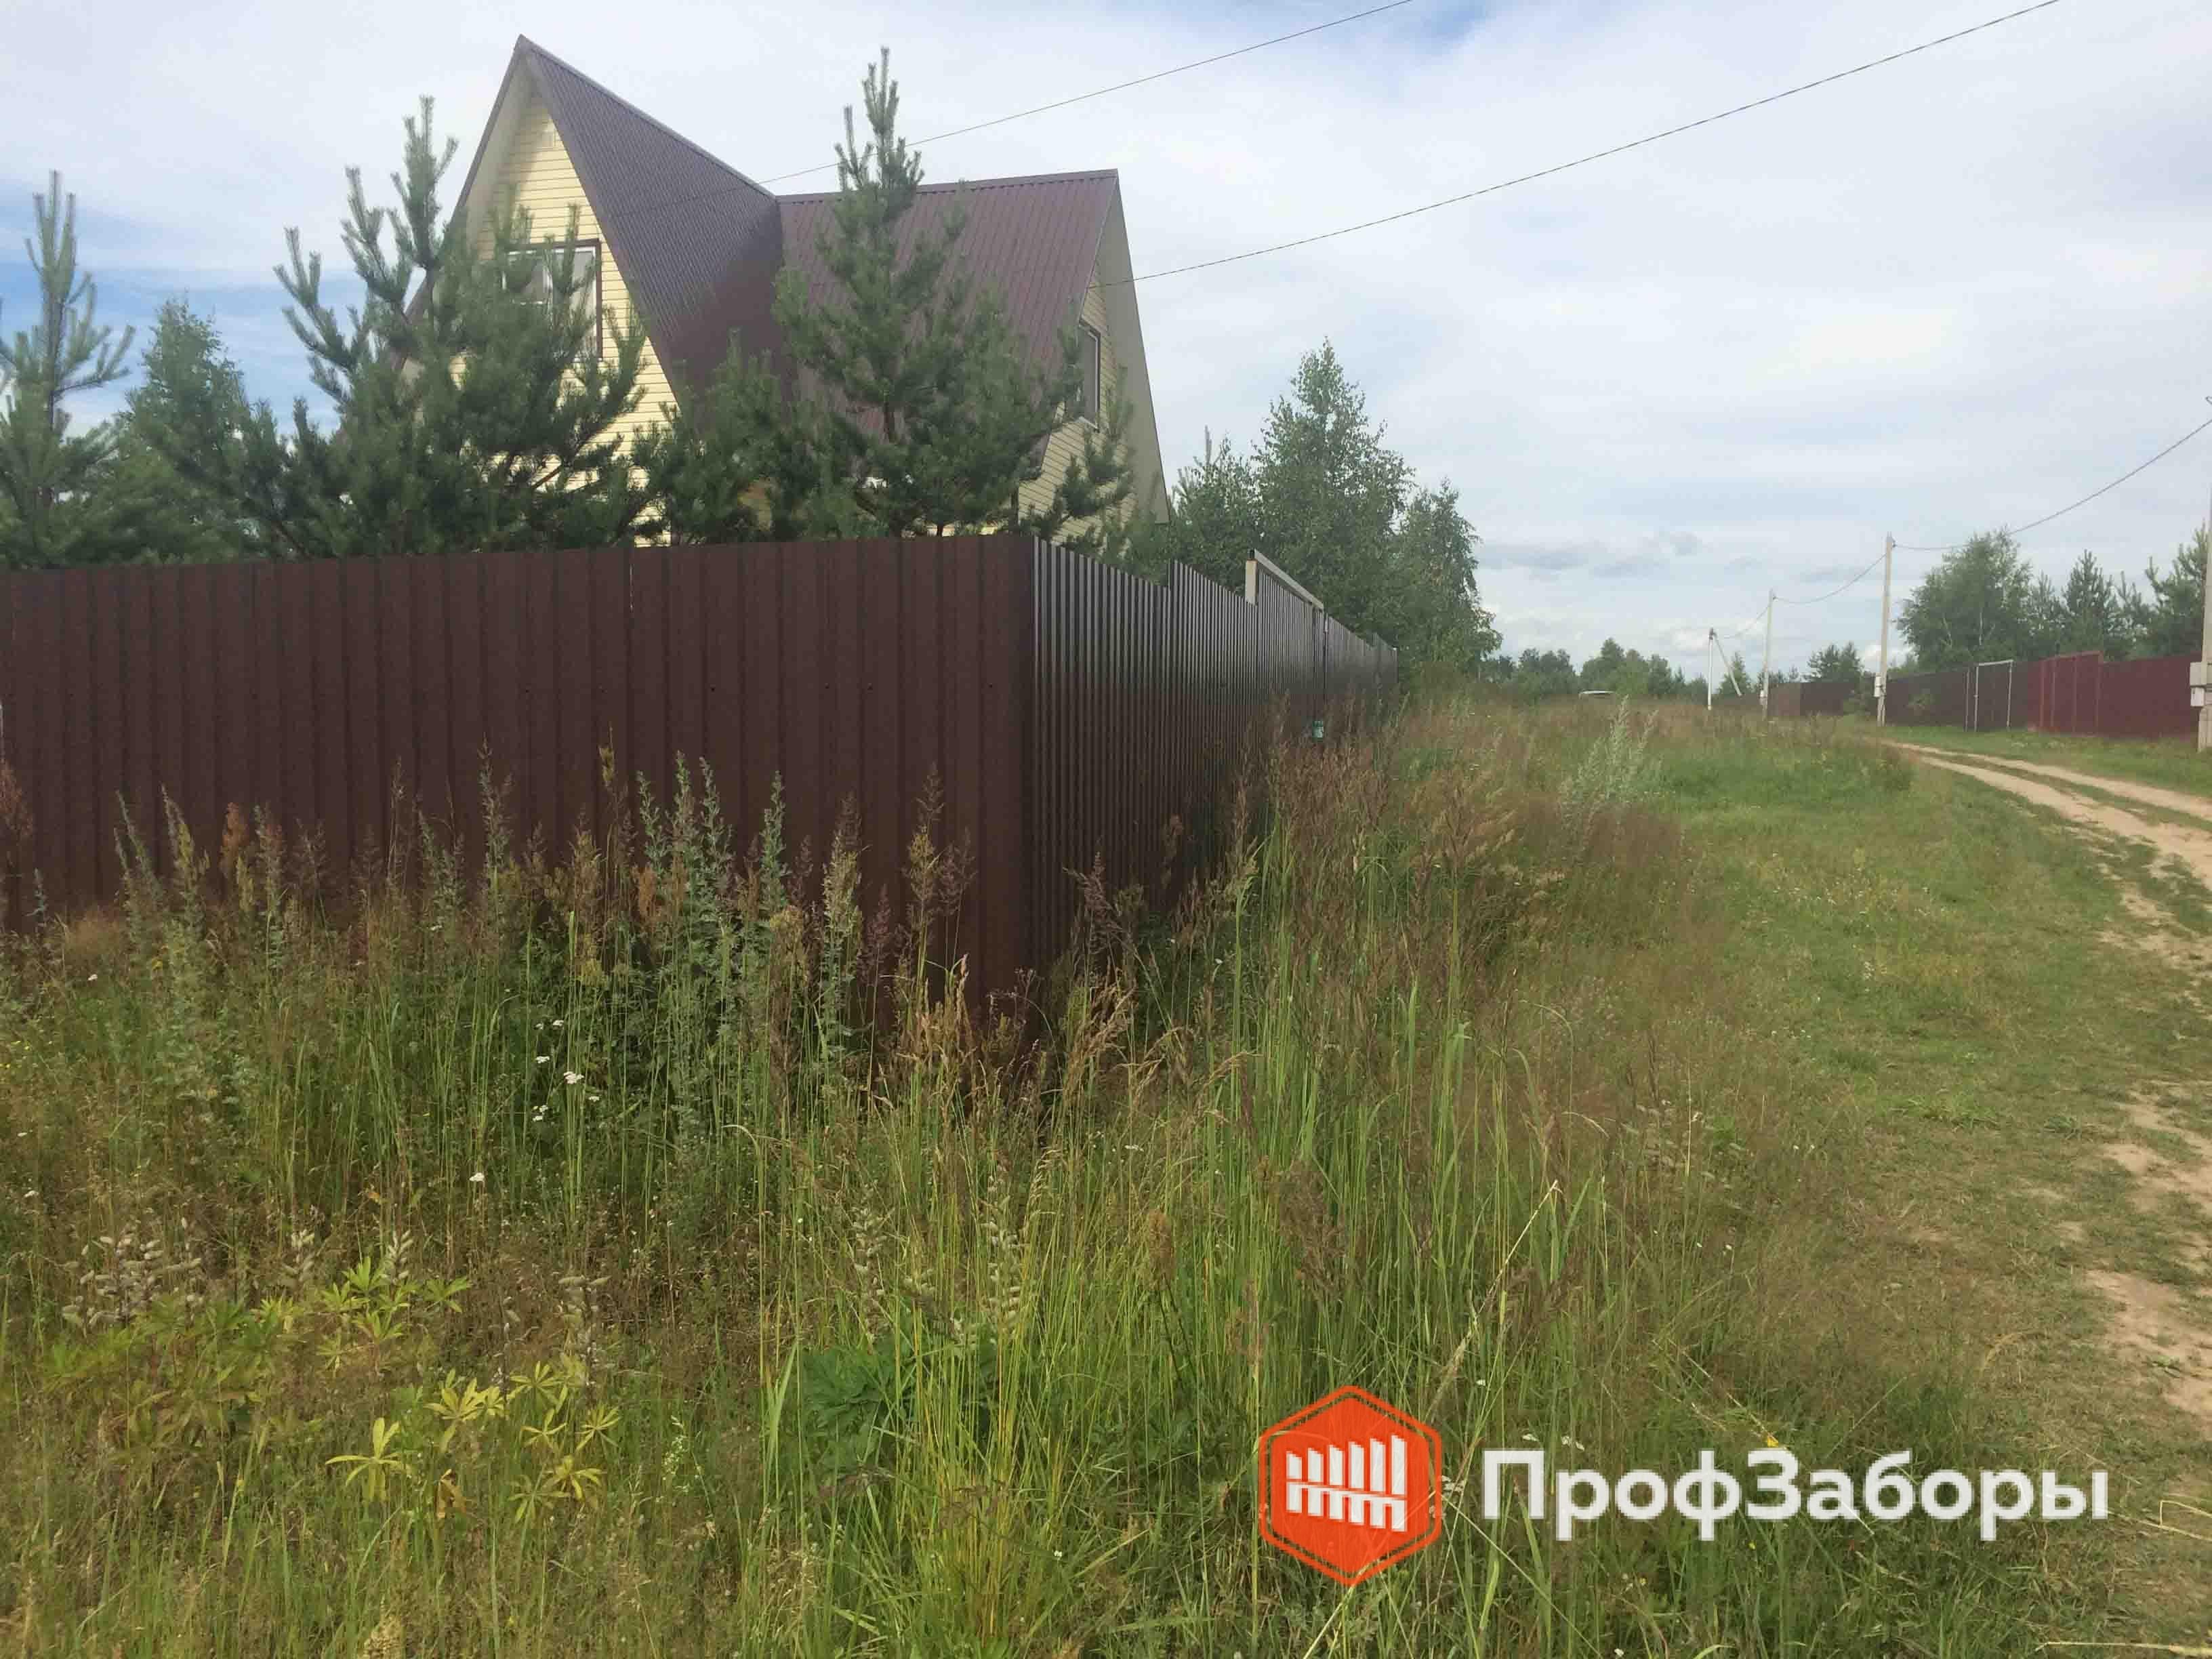 Заборы Из профнастила  - Посёлок Дорохово. Фото 4